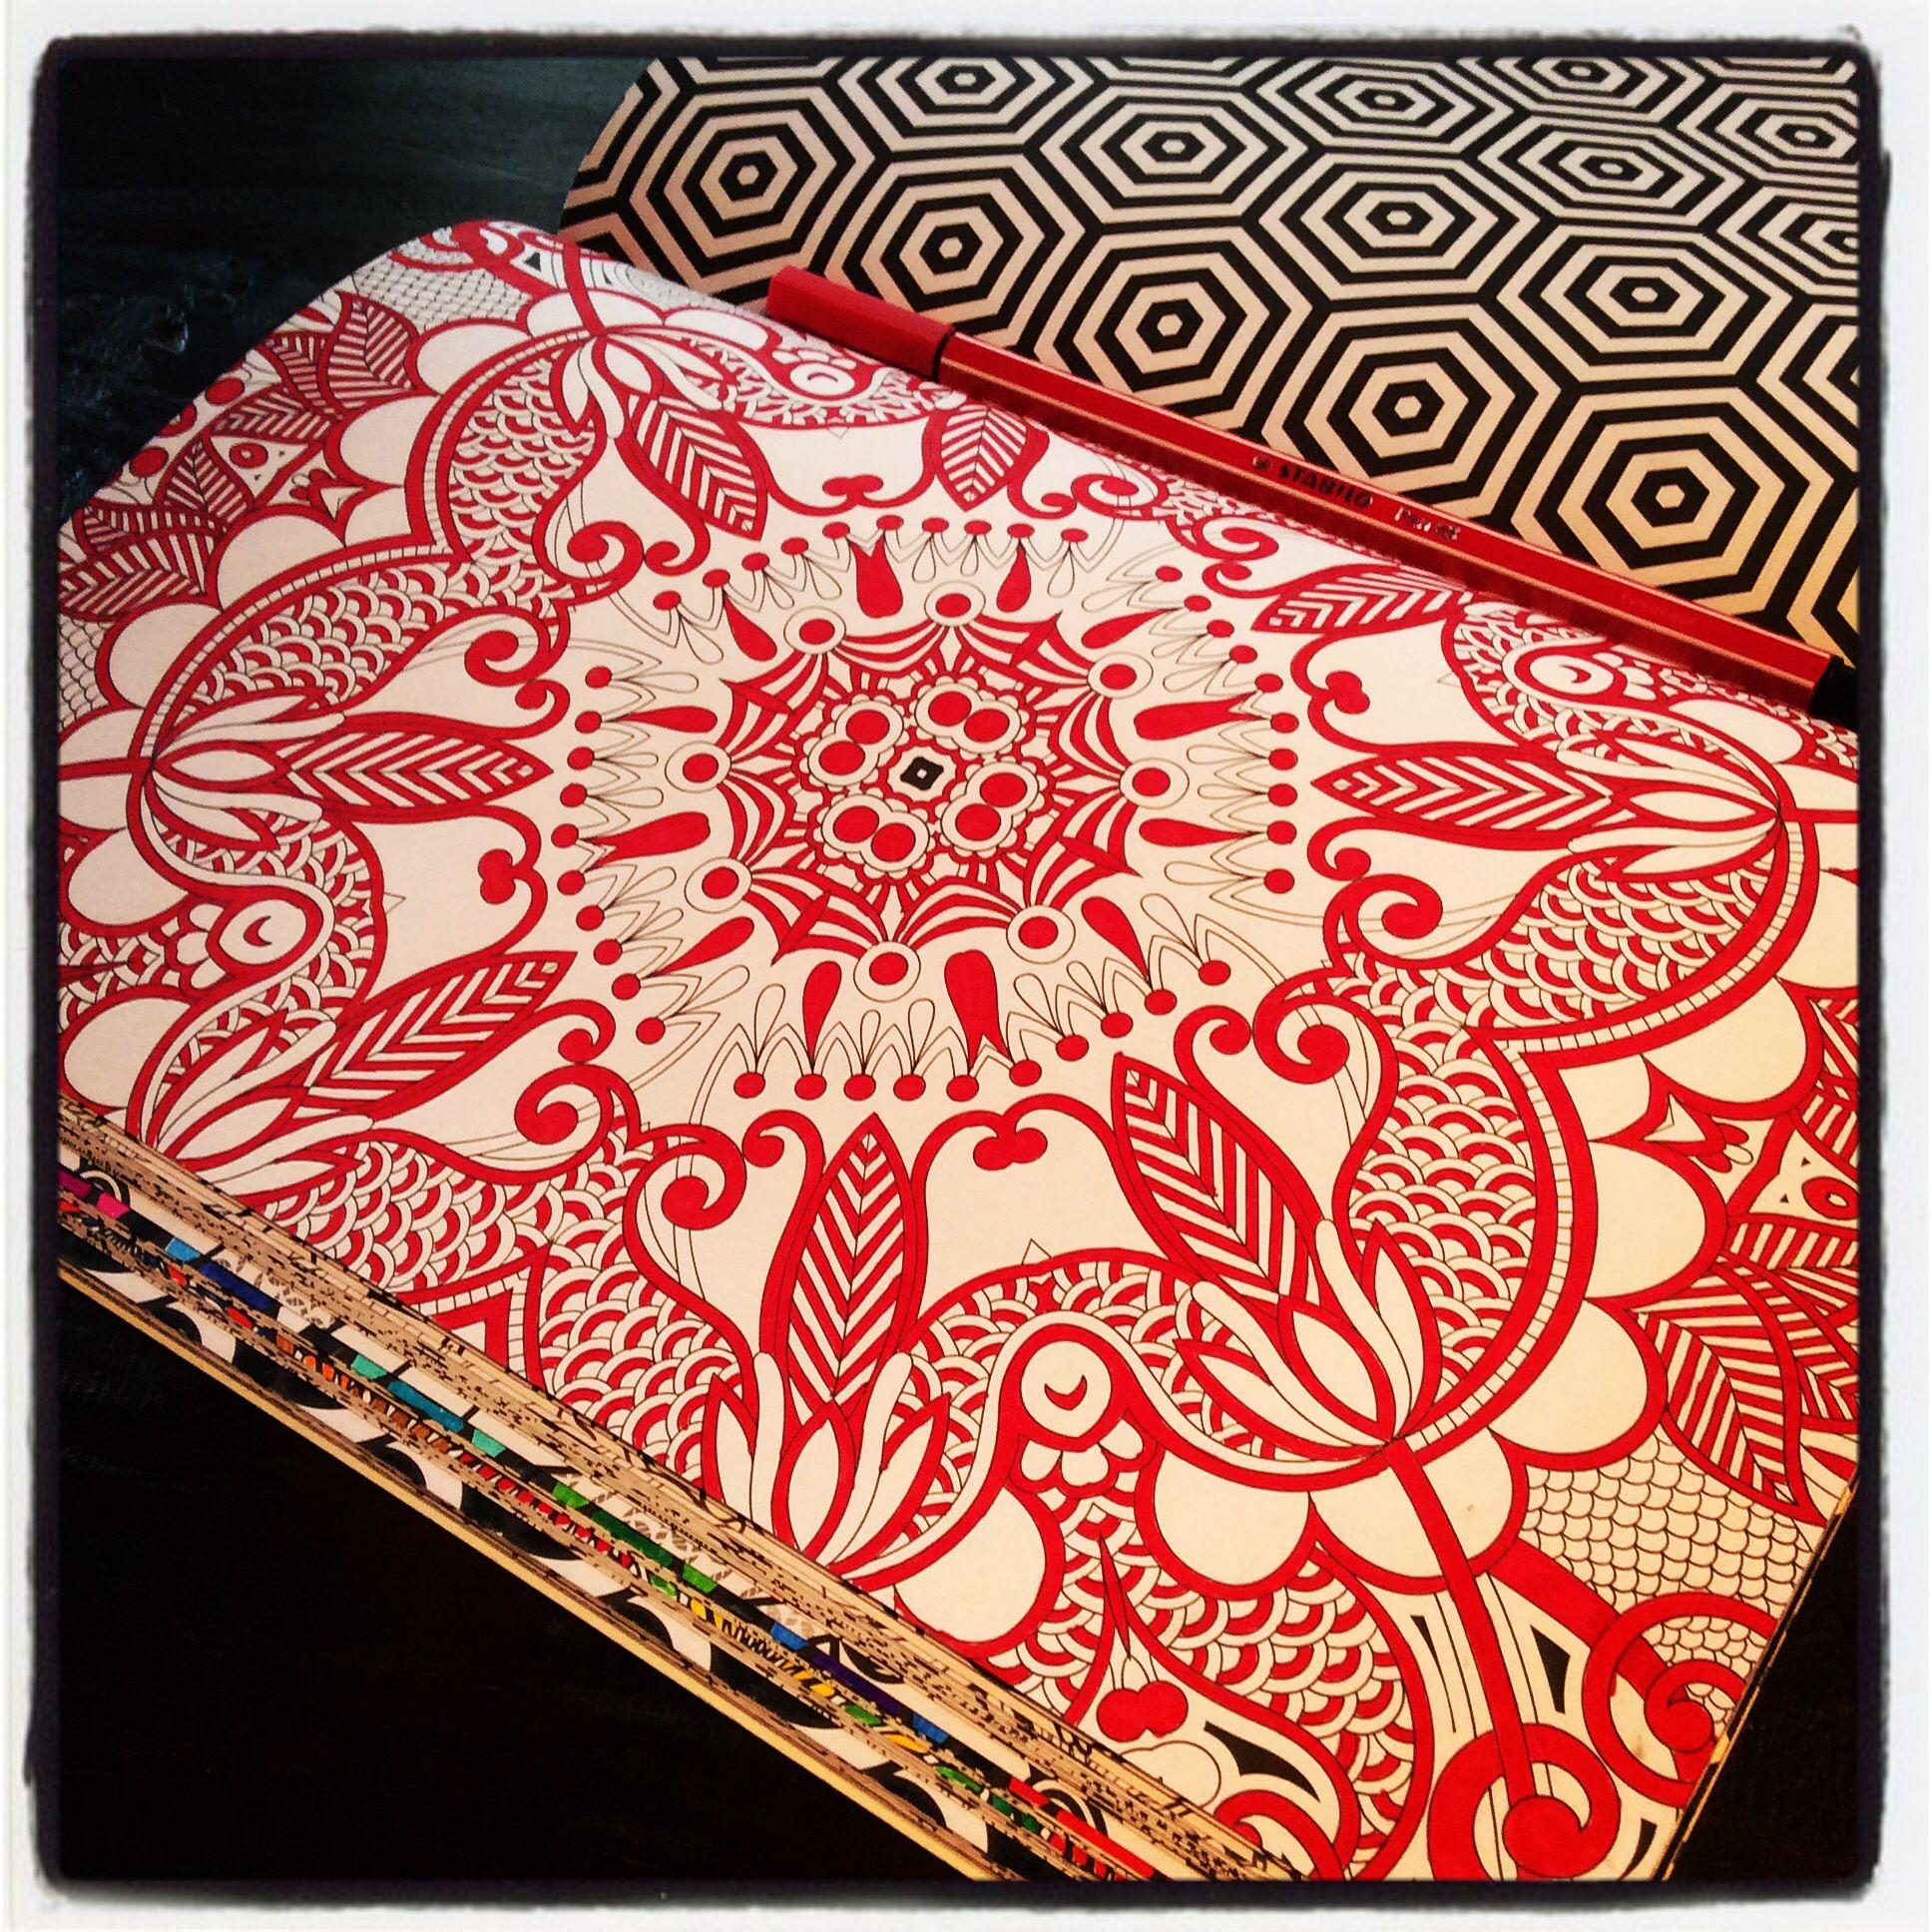 Kleurplaat In 1 Kleur Anders Dan Anders Kleurboek Voor Volwassenen Colorful Drawings Coloring Books Coloring Pages